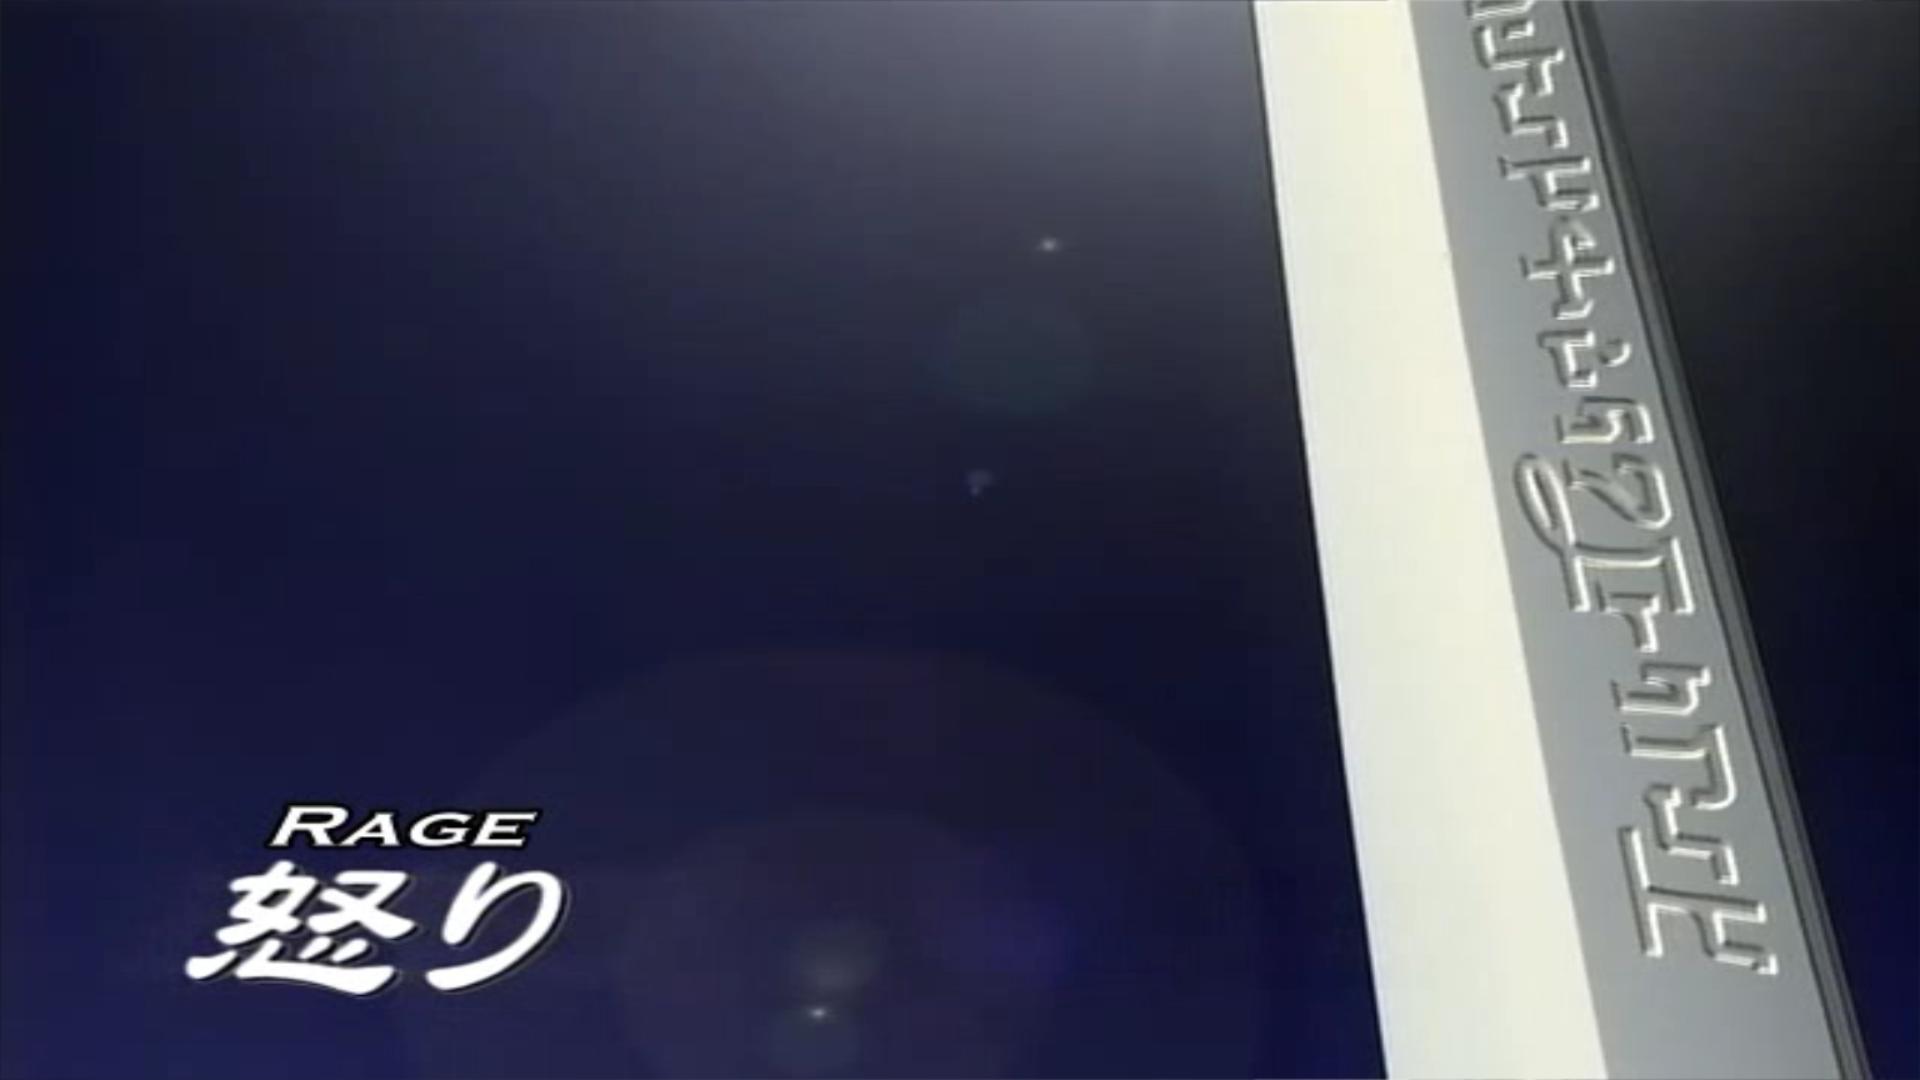 Zoids: Genesis Episode 17